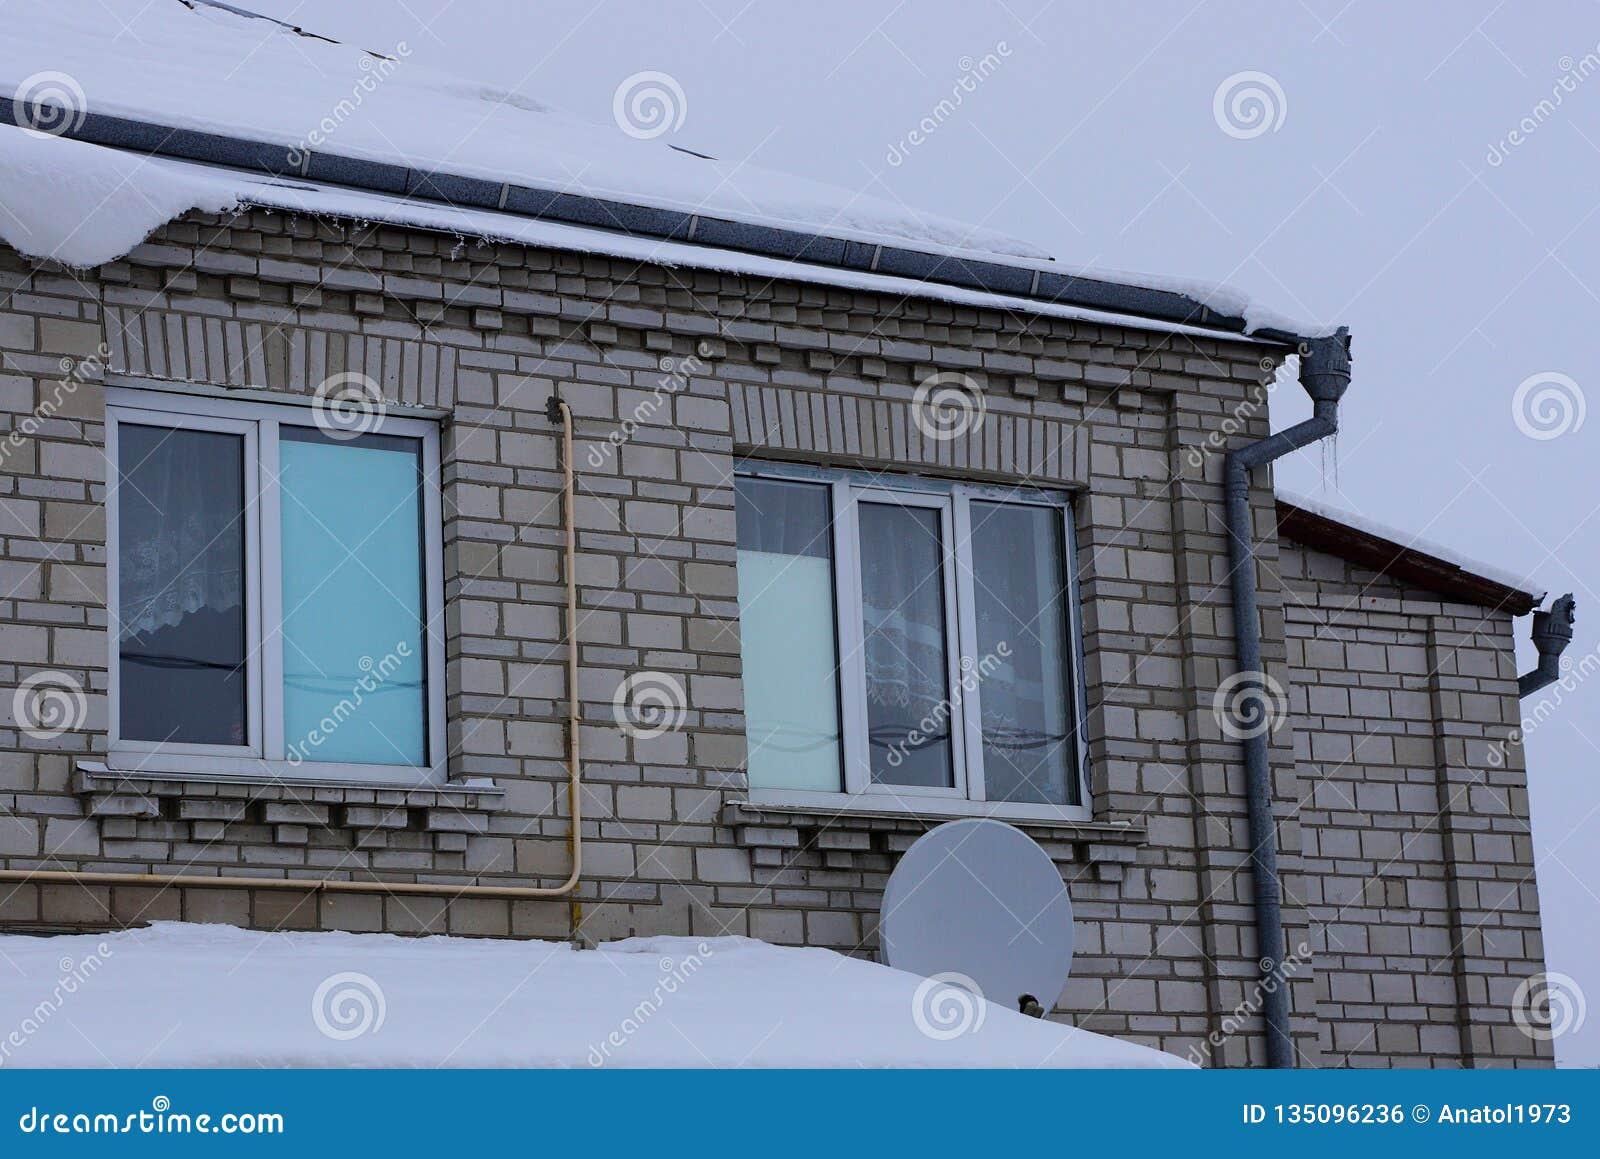 Façade Dune Maison Privée Grise De Brique Avec Des Fenêtres